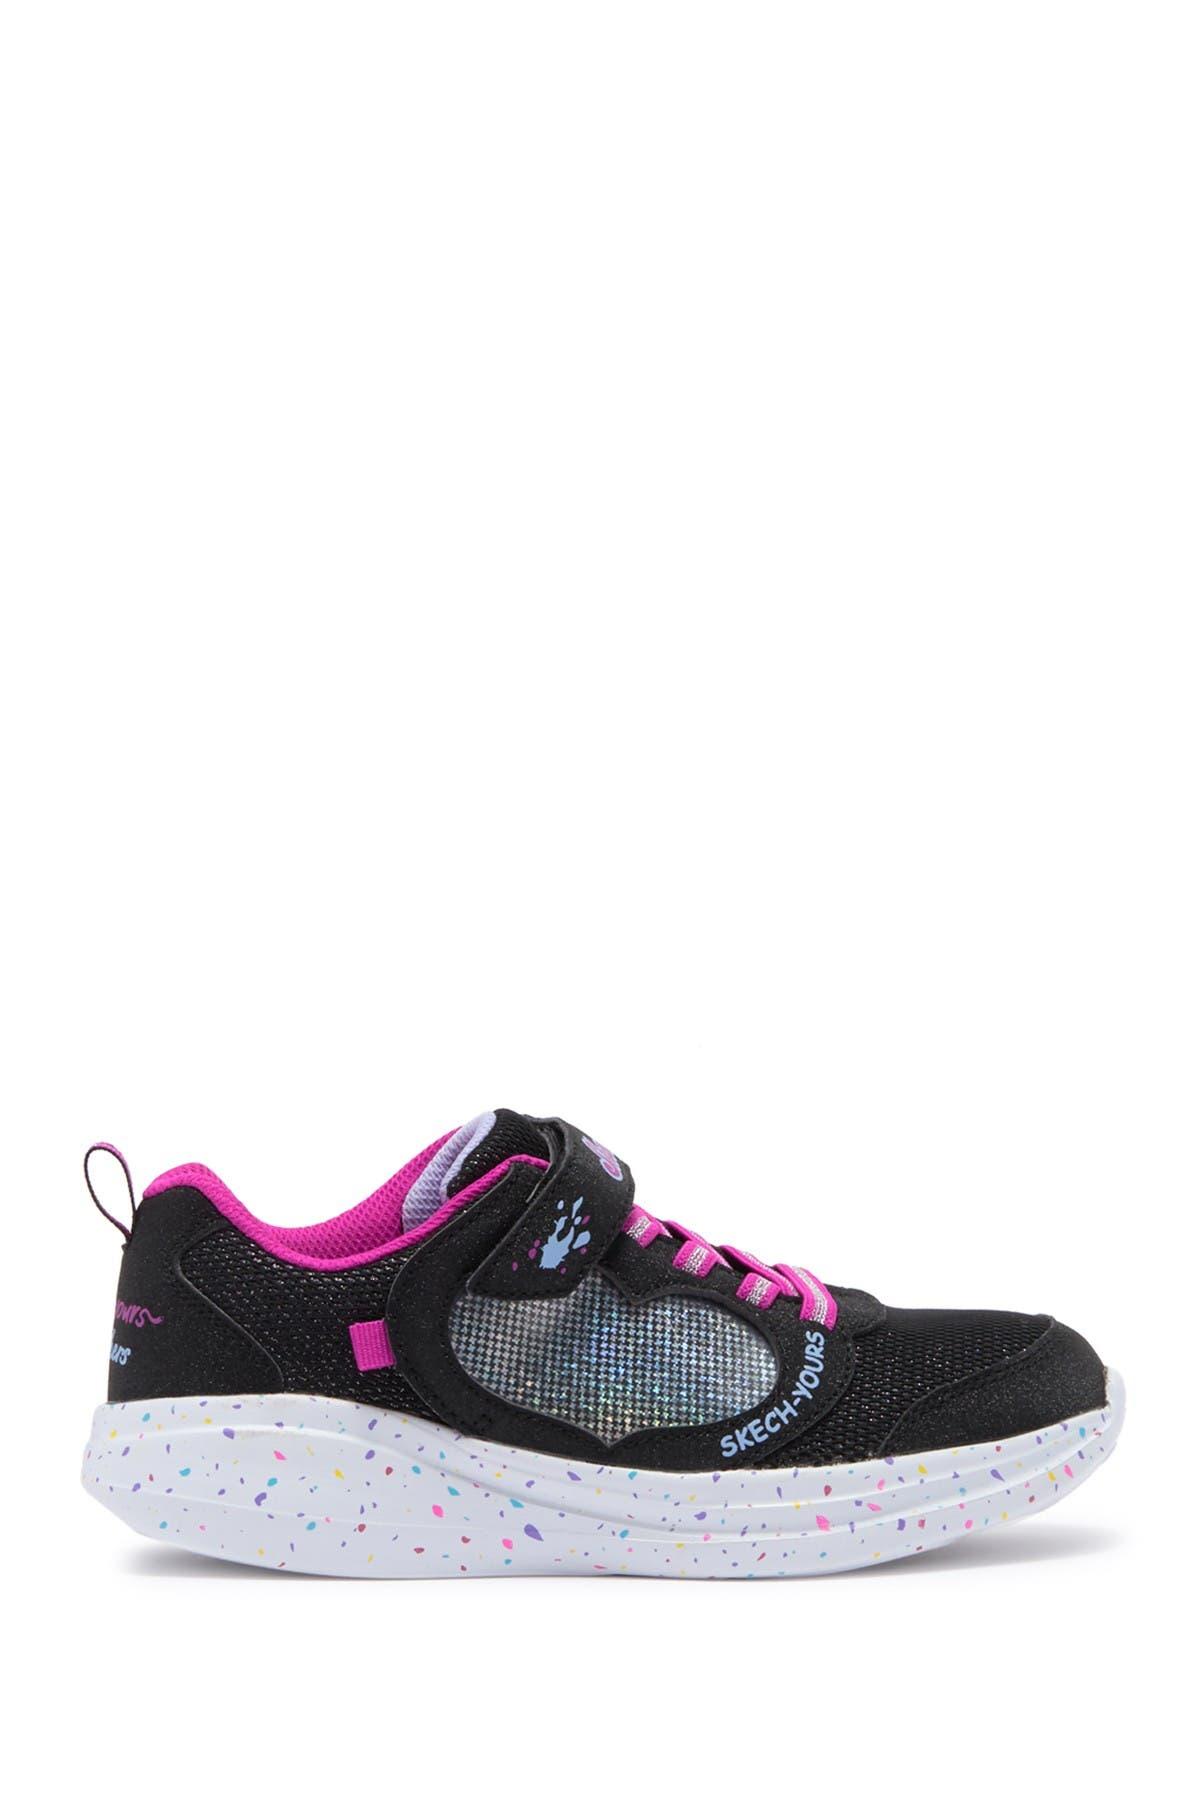 Image of Skechers Go Run Skech Yours Sneaker